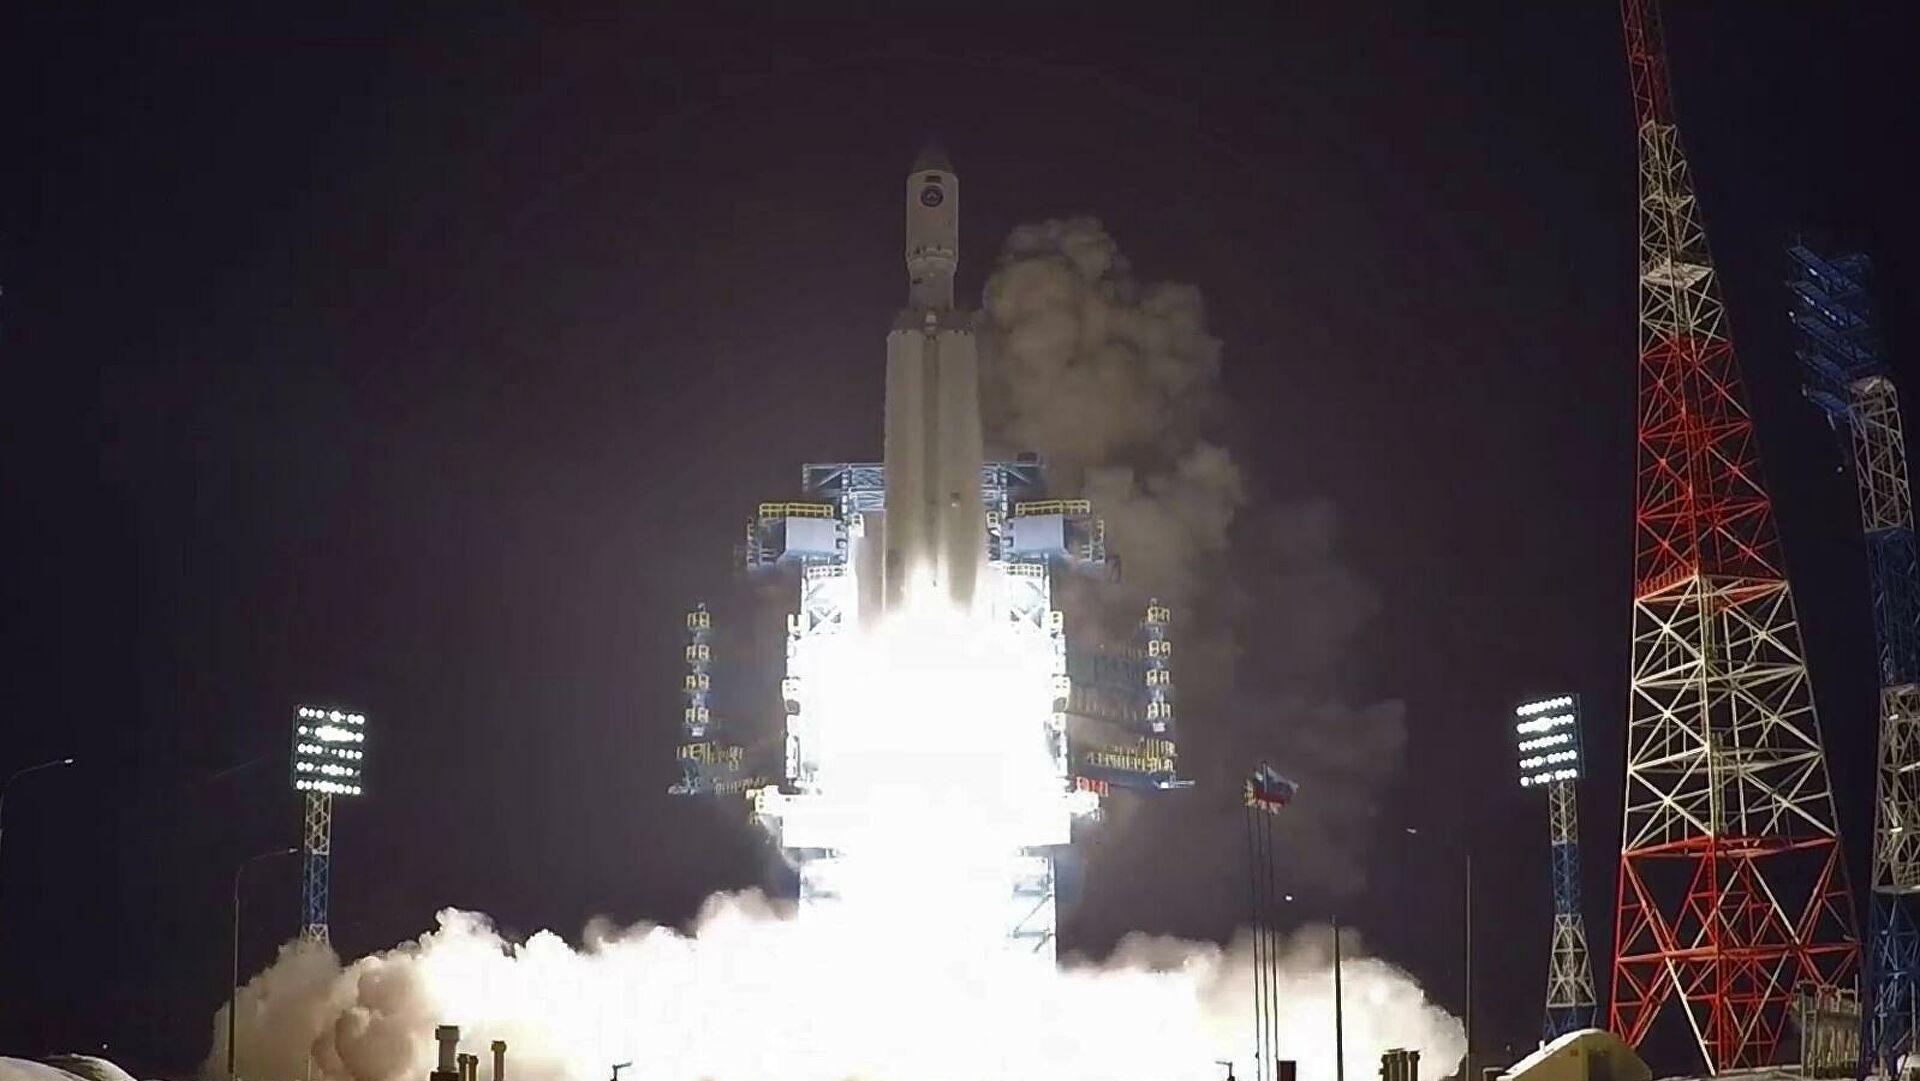 Rusa vojska prošle godine lansirala 21 letelicu u orbitu